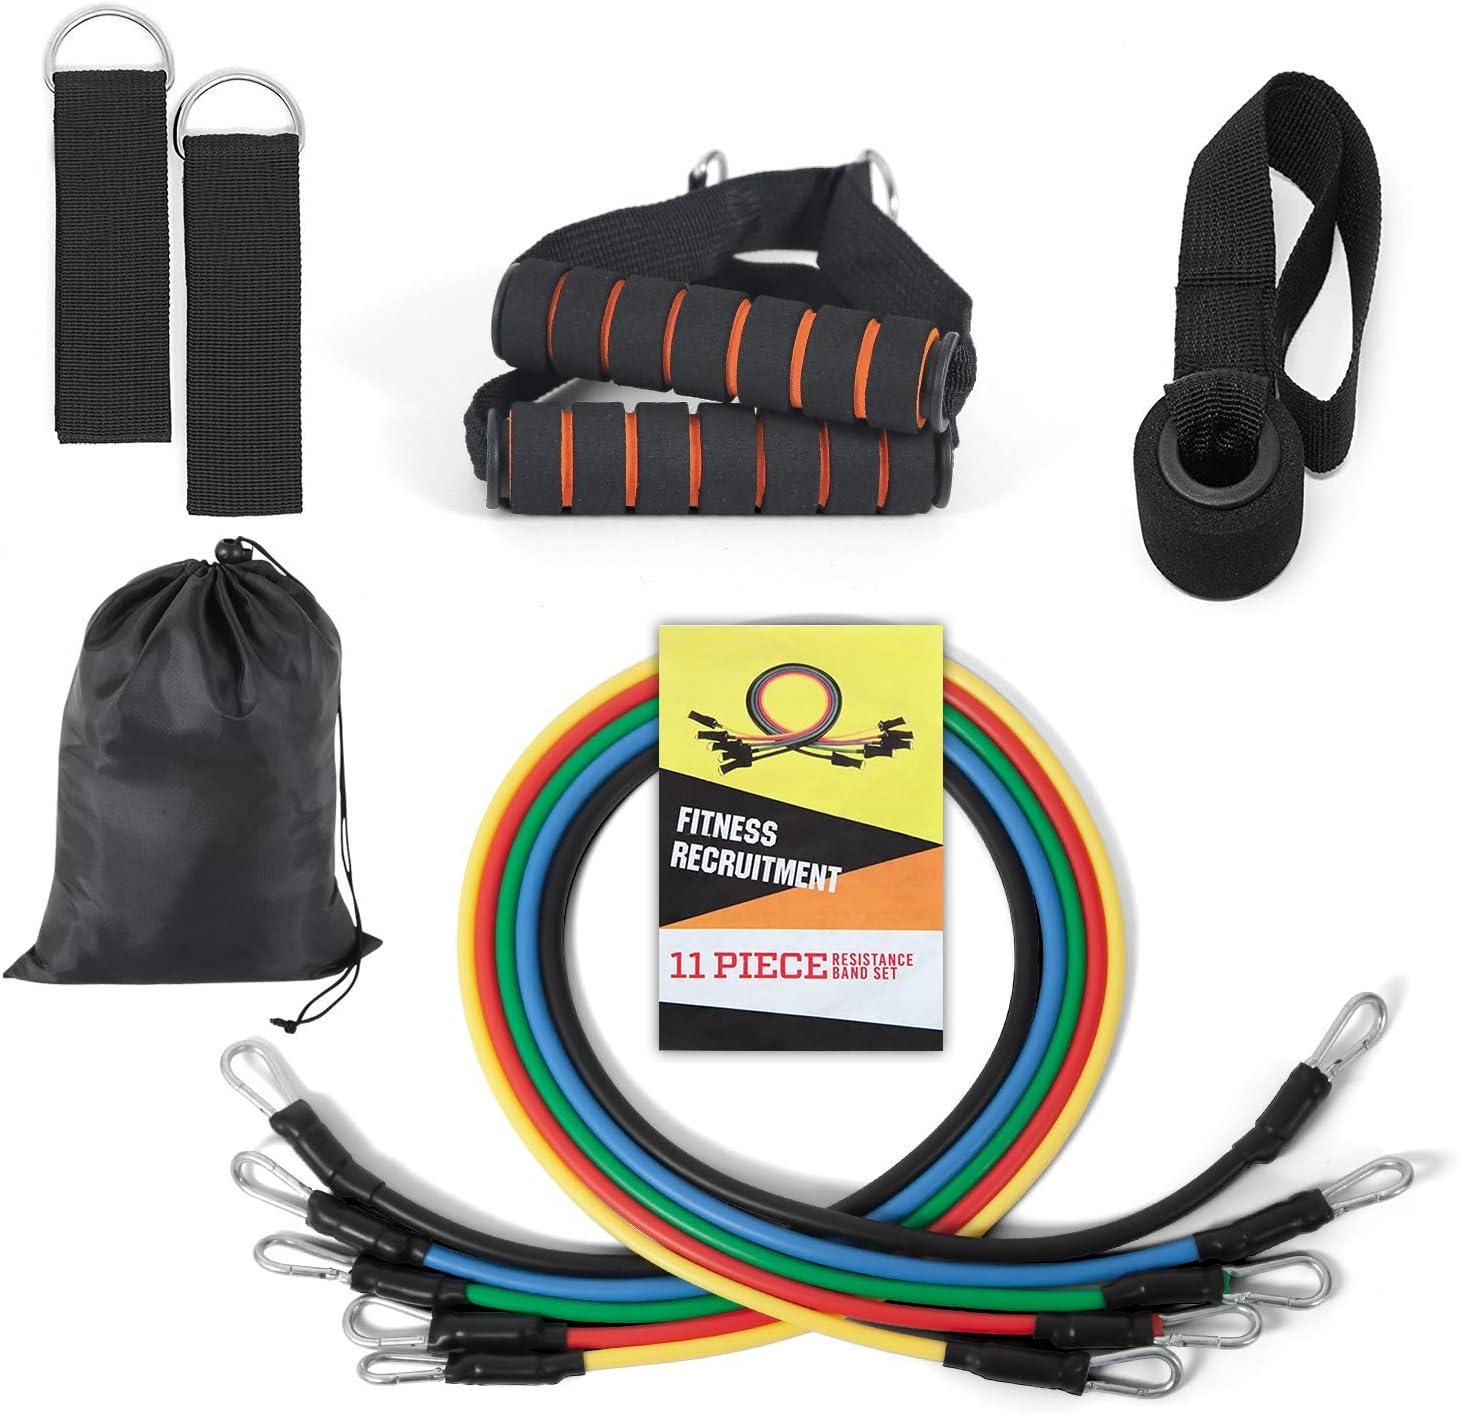 DiaryLook - Bandas de resistencia para entrenamiento de fuerza, bandas de ejercicio con asas, bandas para gimnasio en el hogar